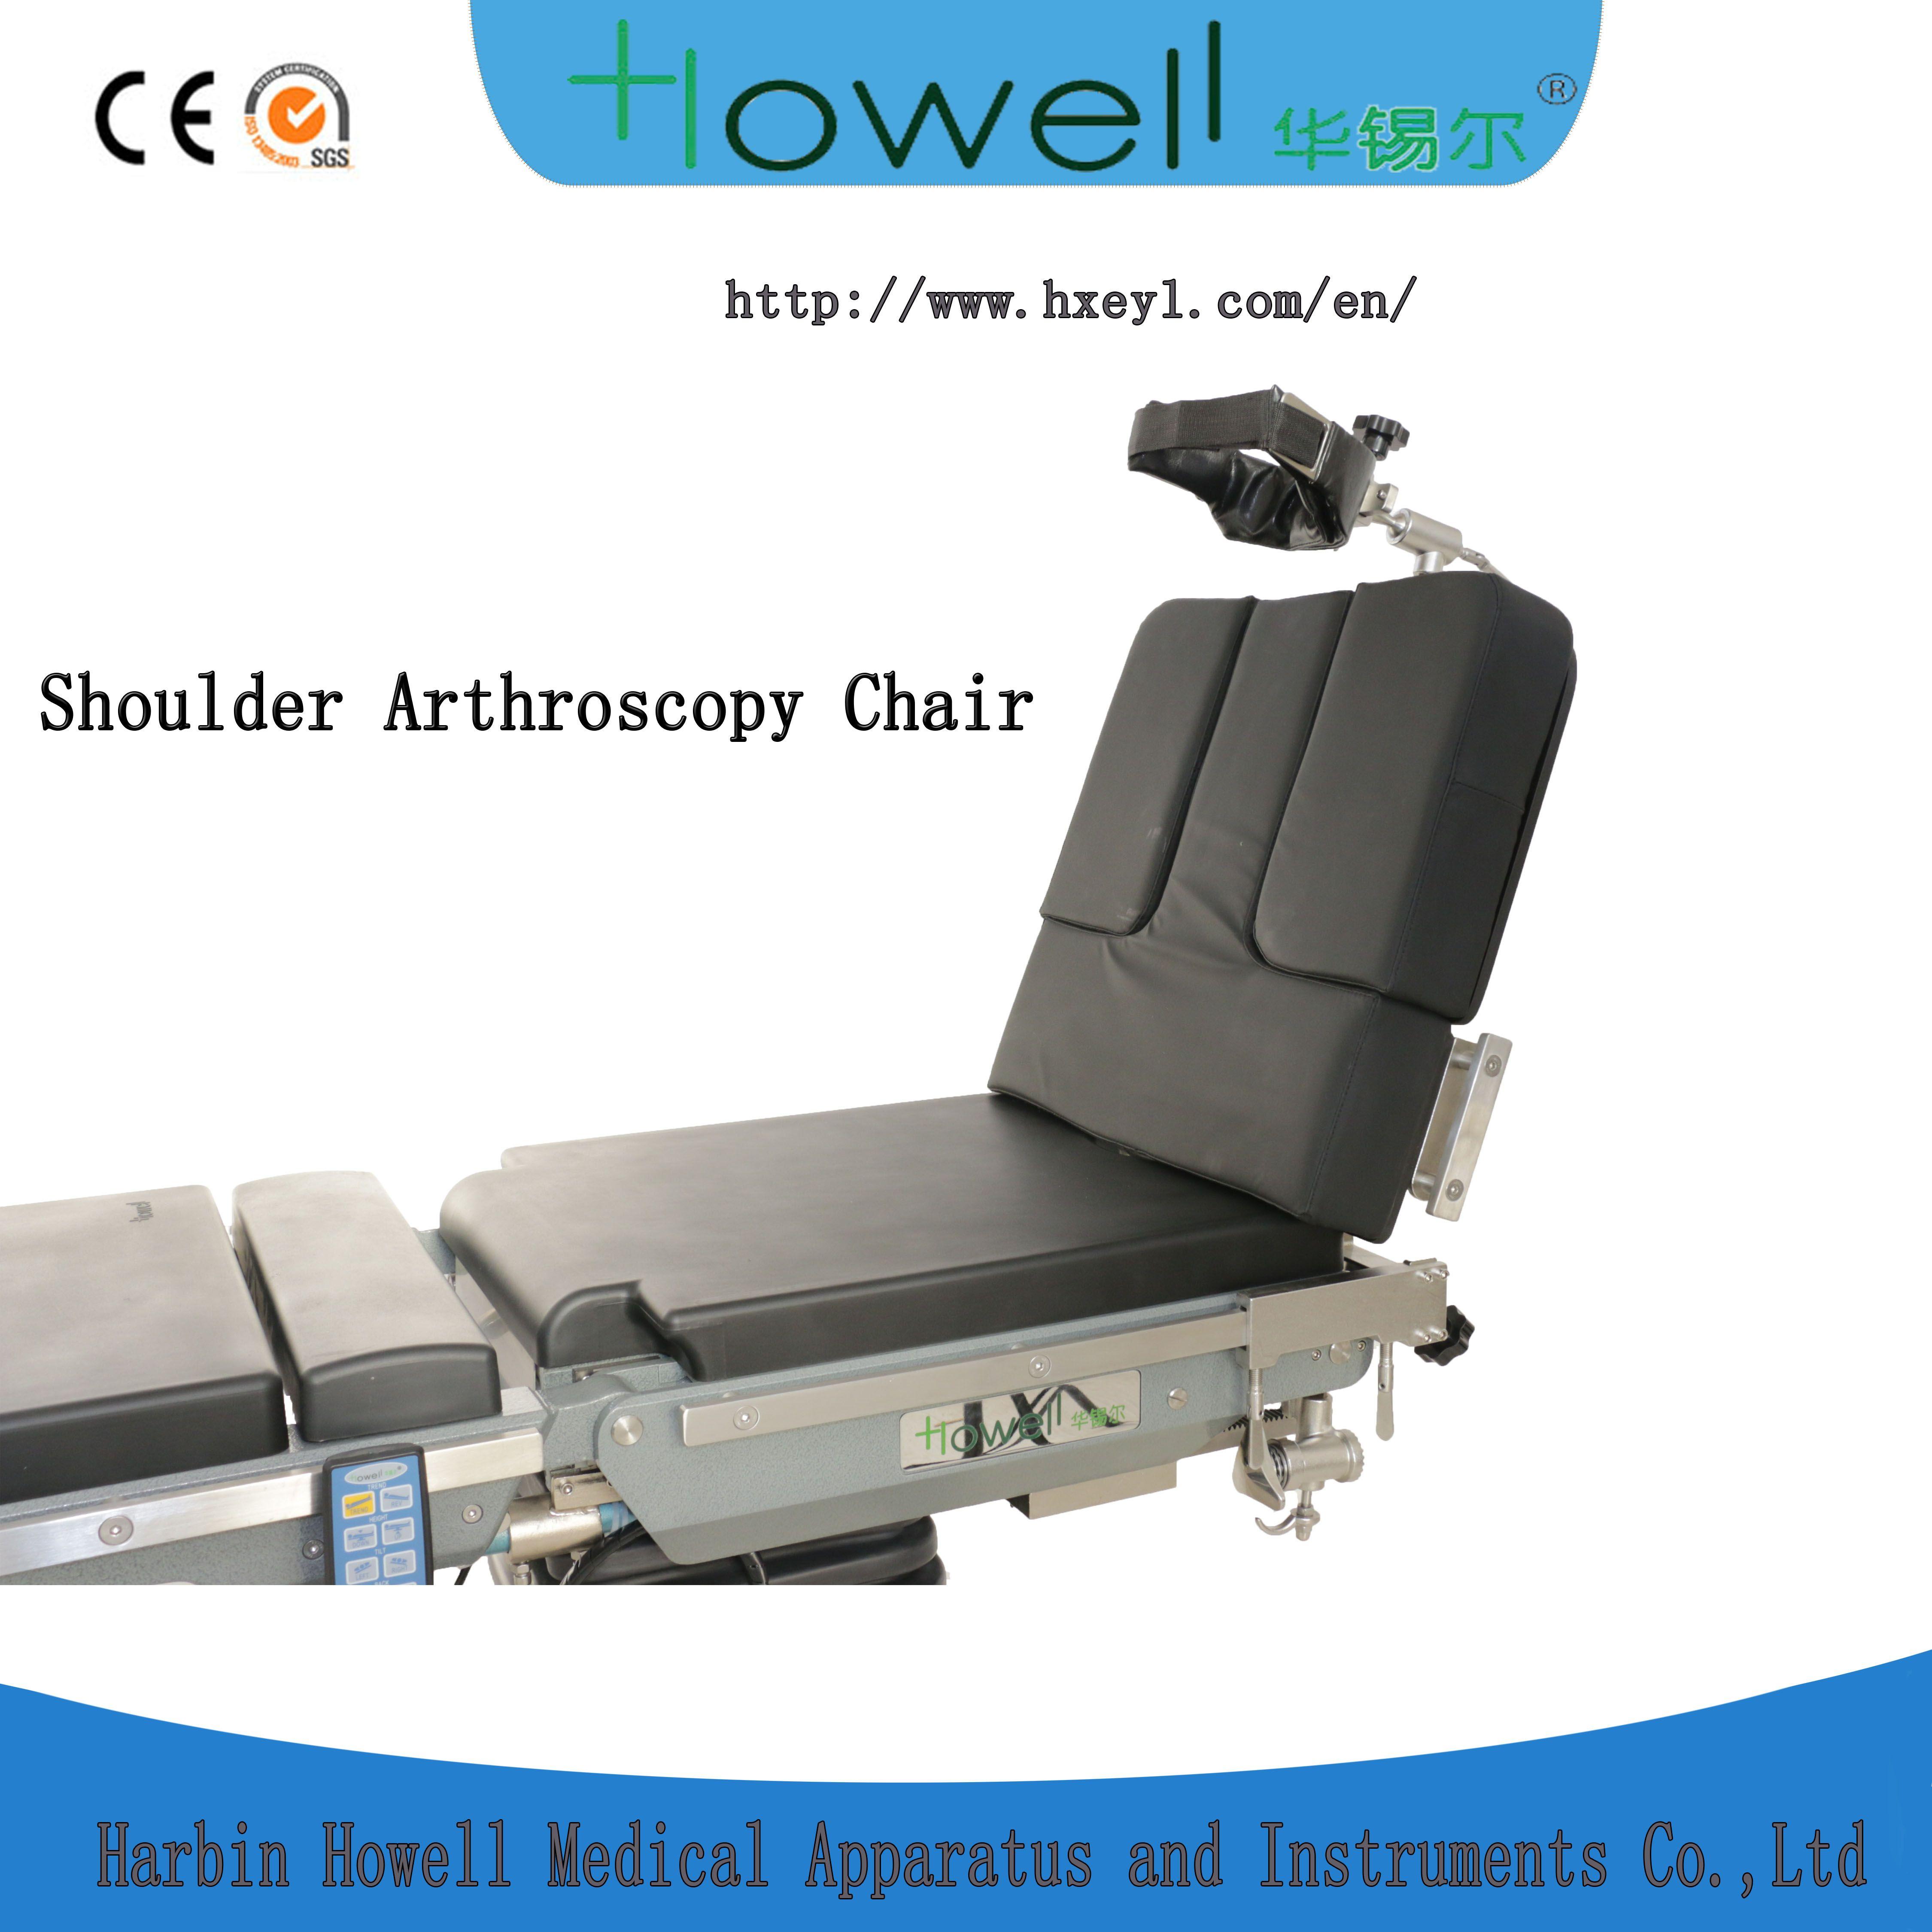 Shoulder Arthroscopy Chair Shoulder arthroscopy, Chair